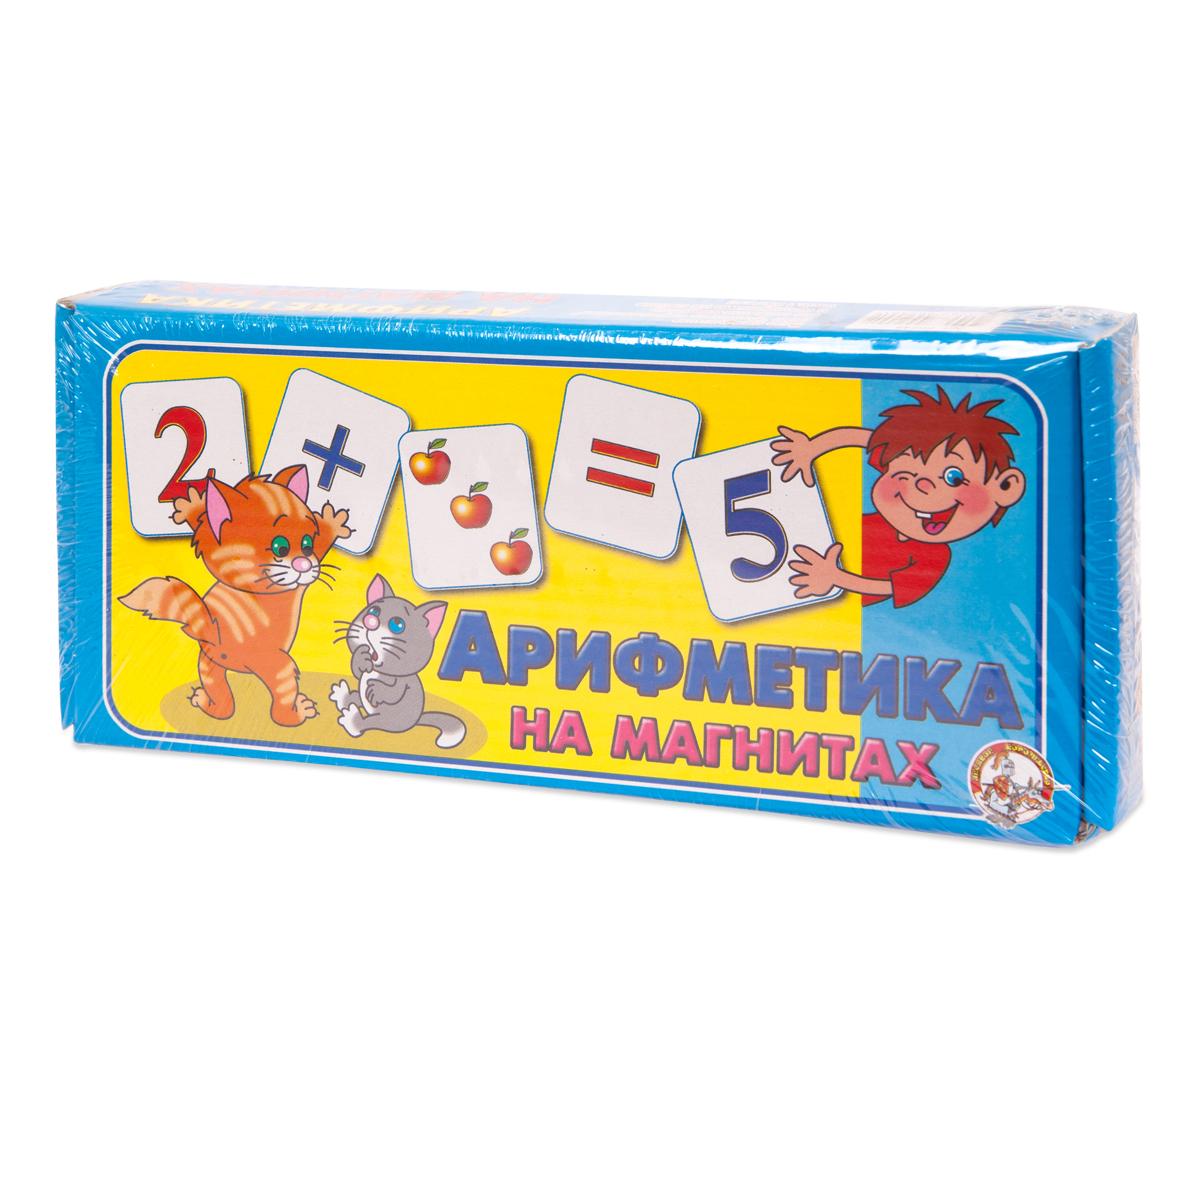 Магнитная азбука Десятое королевство Арифметика